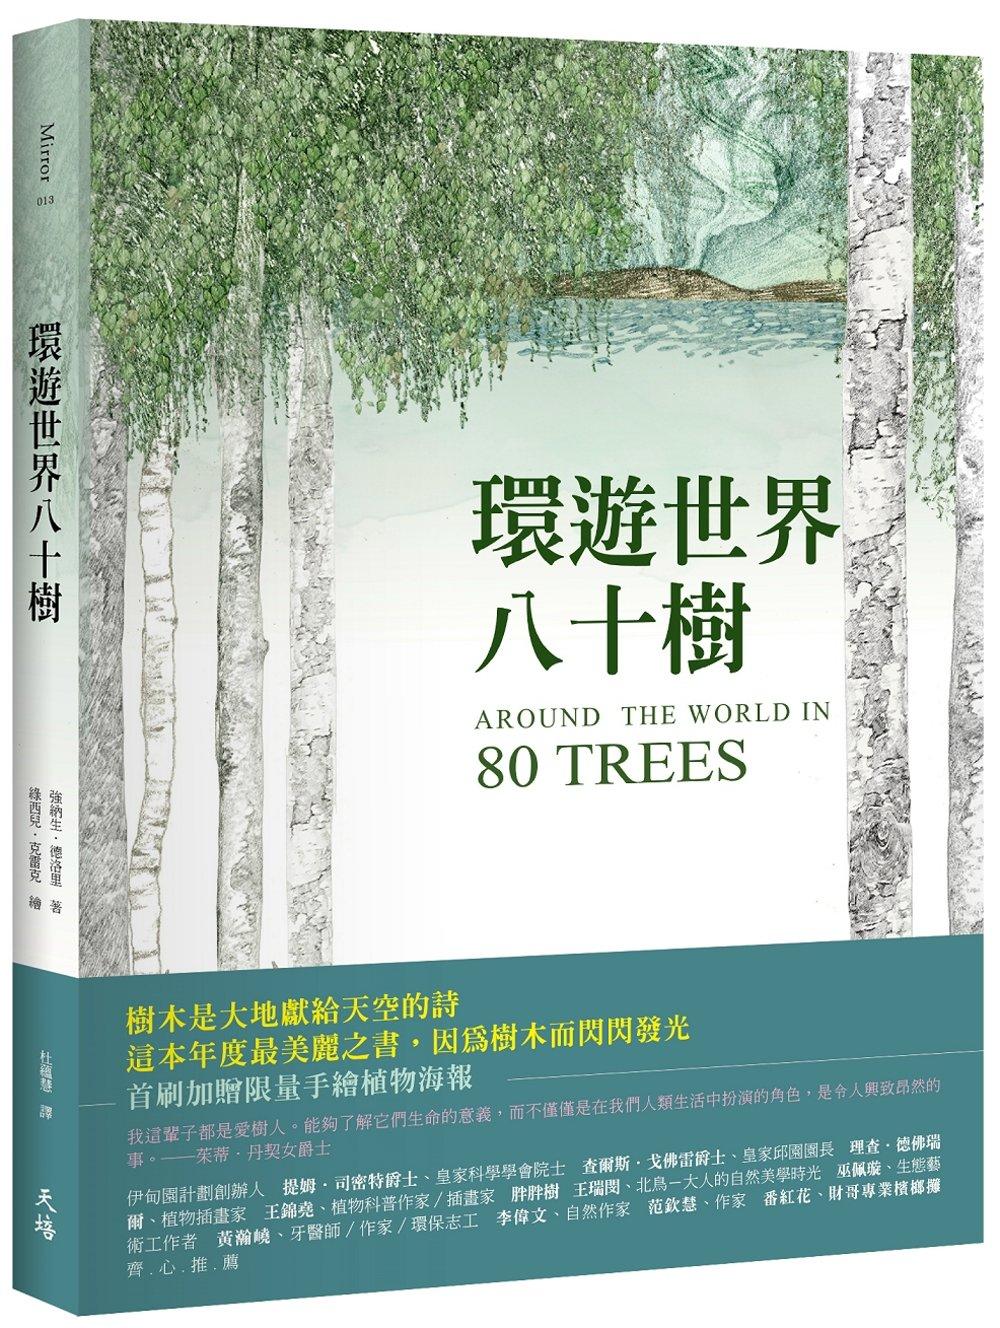 環遊世界八十樹